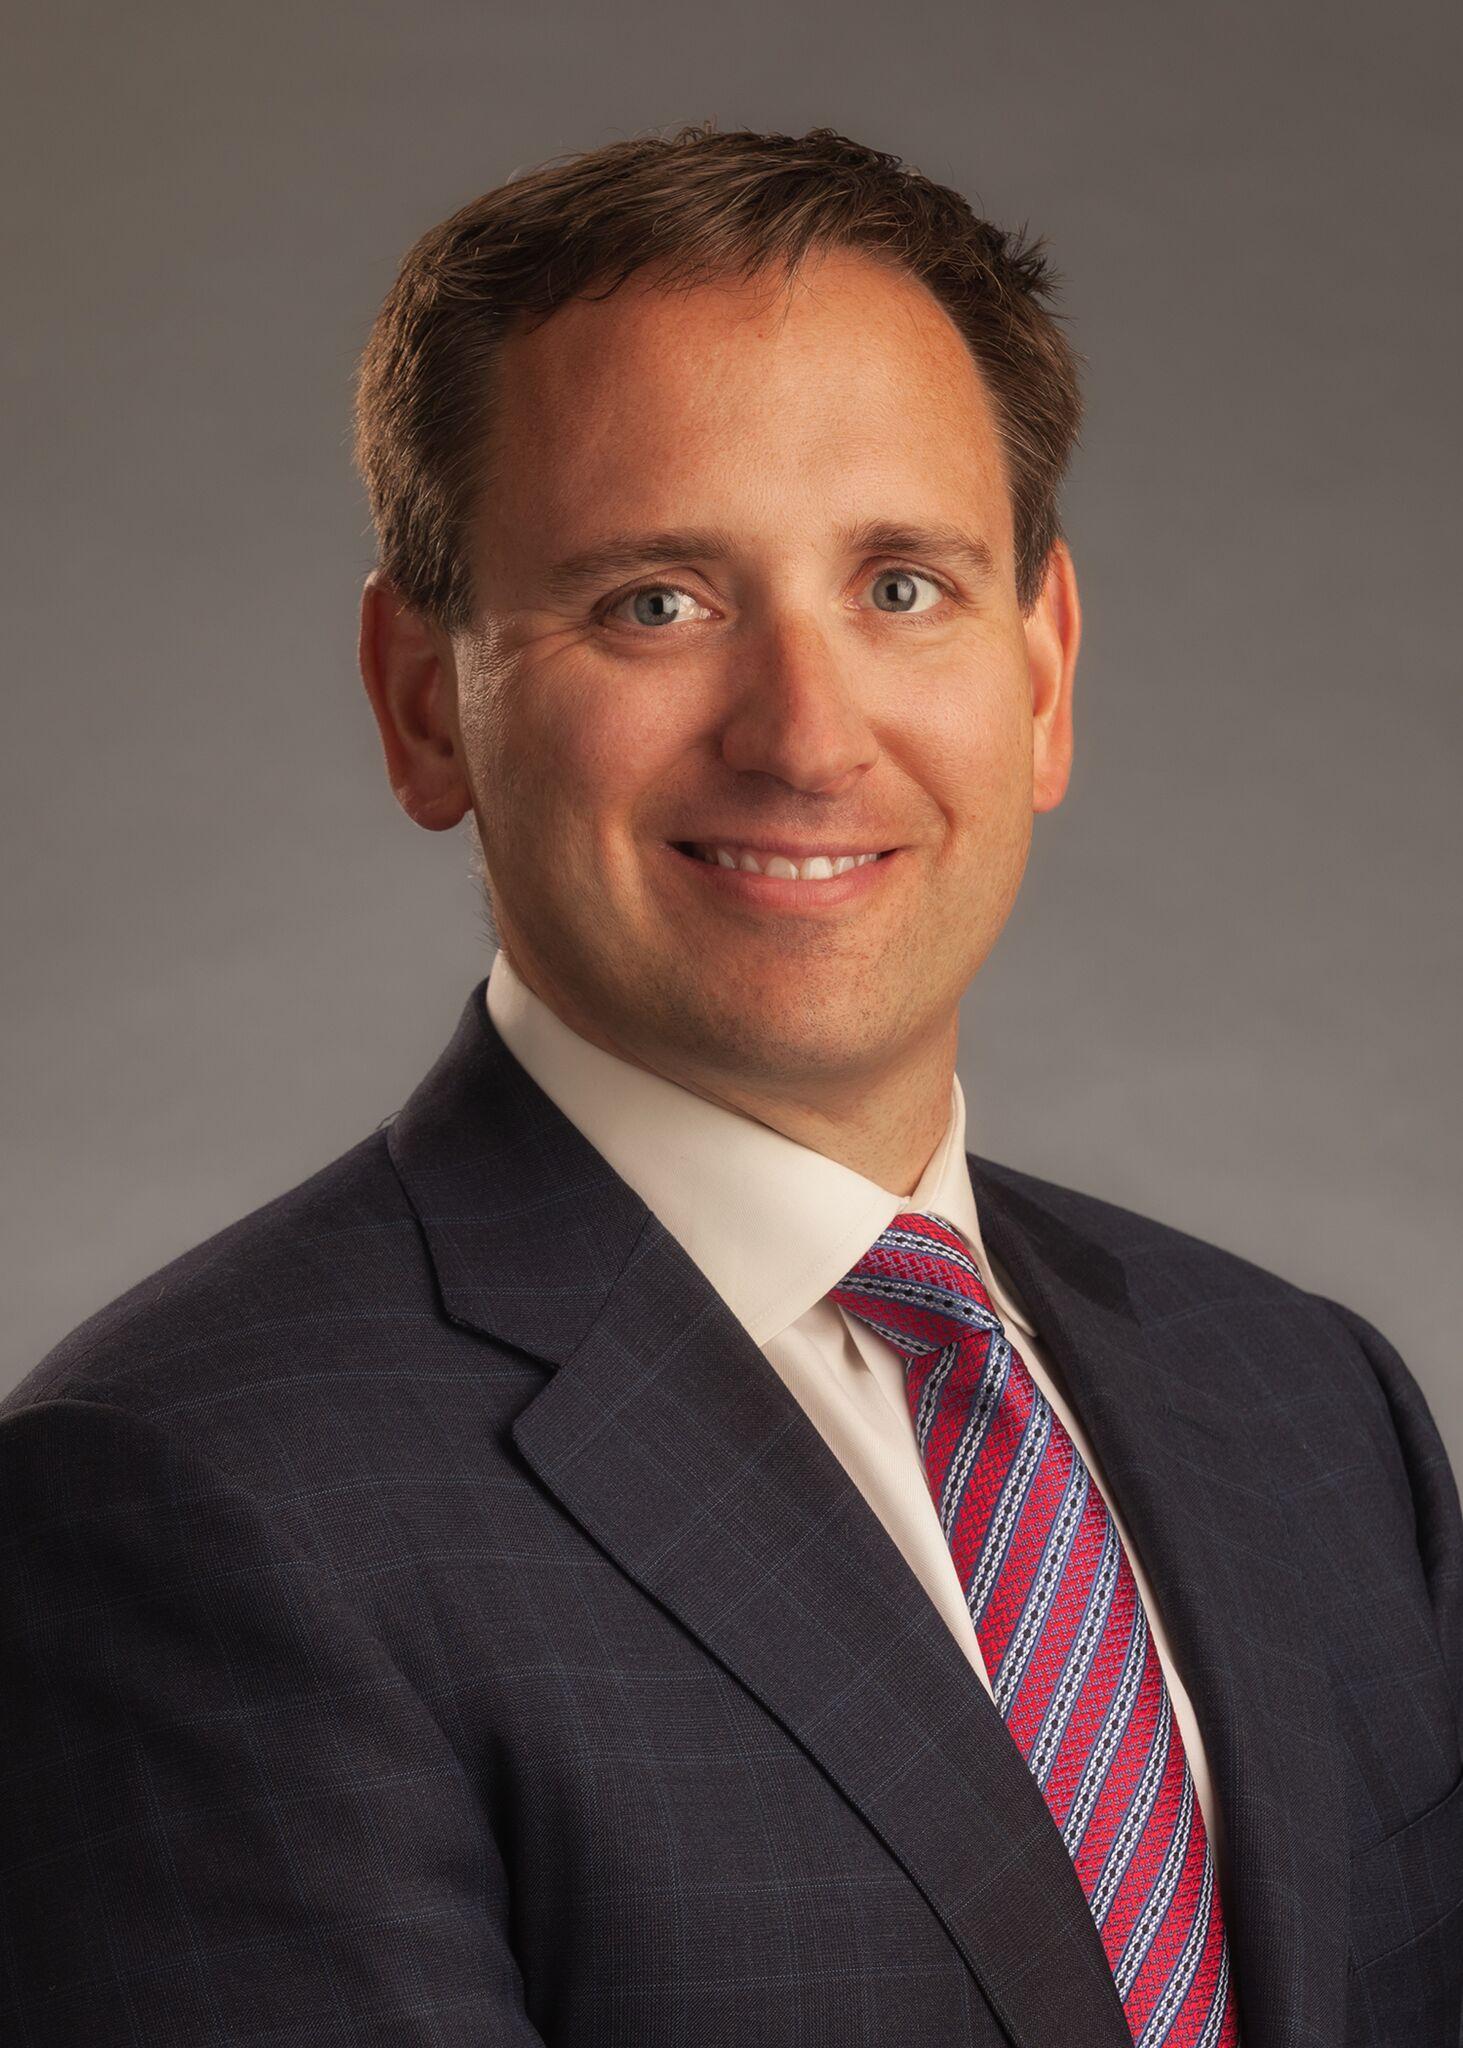 Brian Mutchler